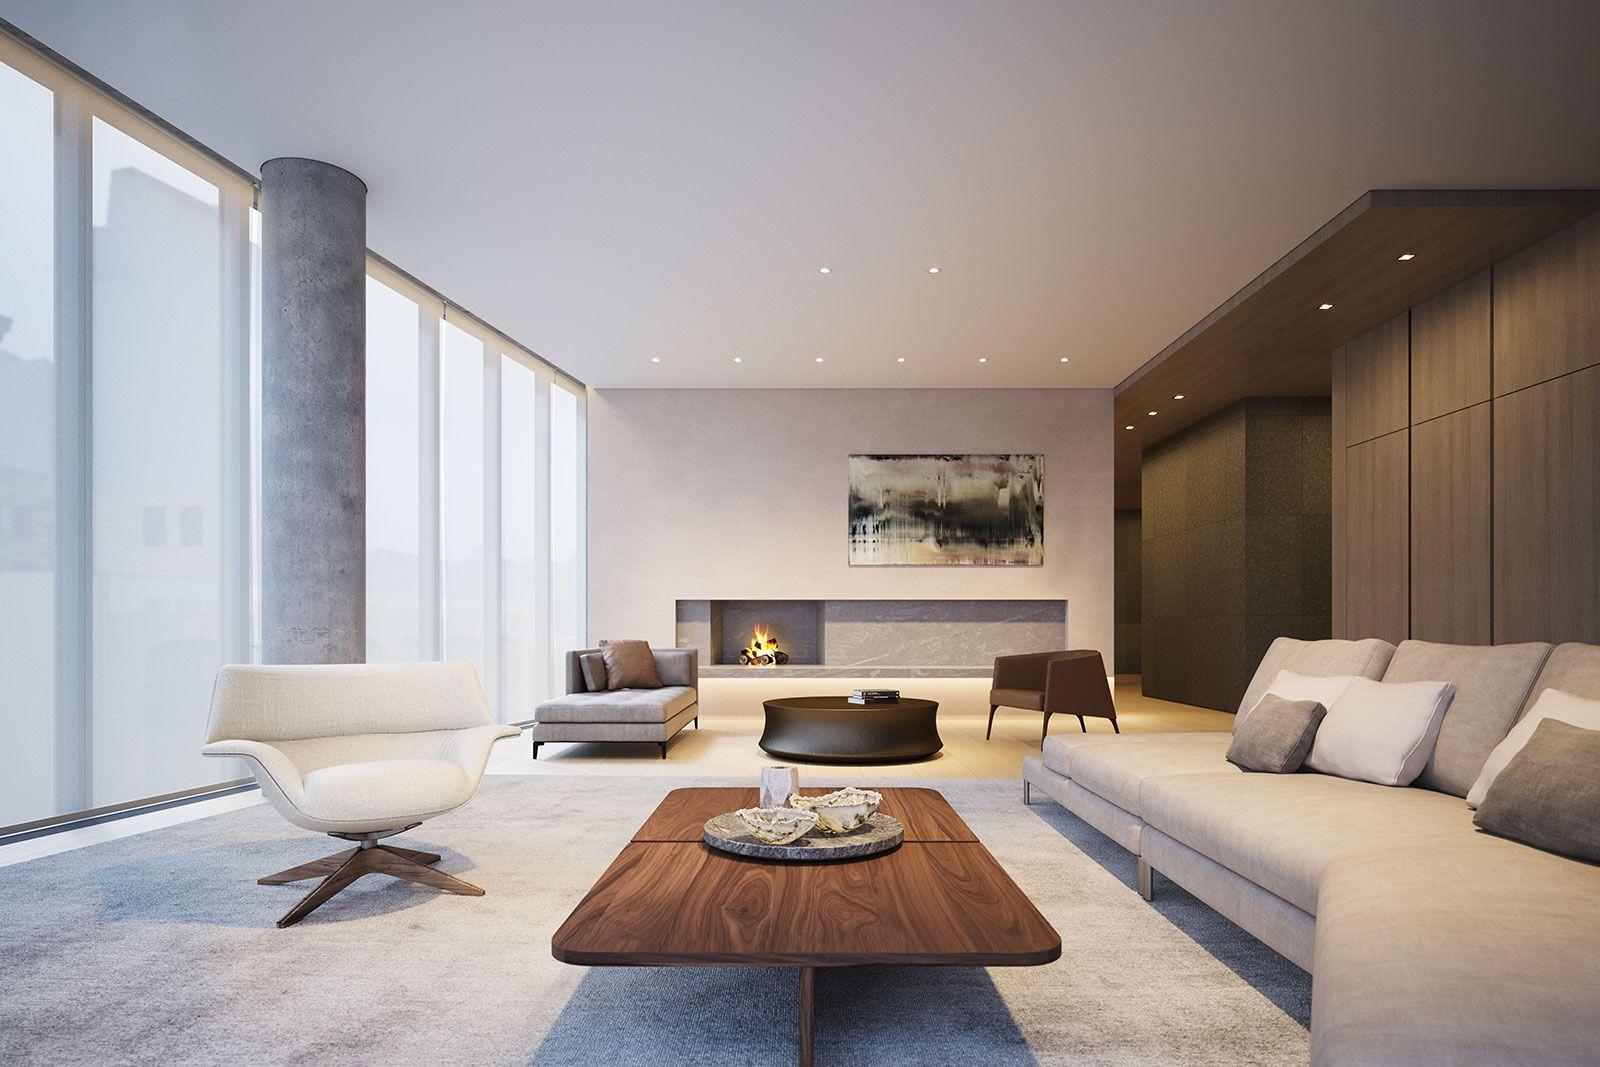 Tadao Ando The Self Educated Architect Living Room Carpet Living Room Flooring Interior Design